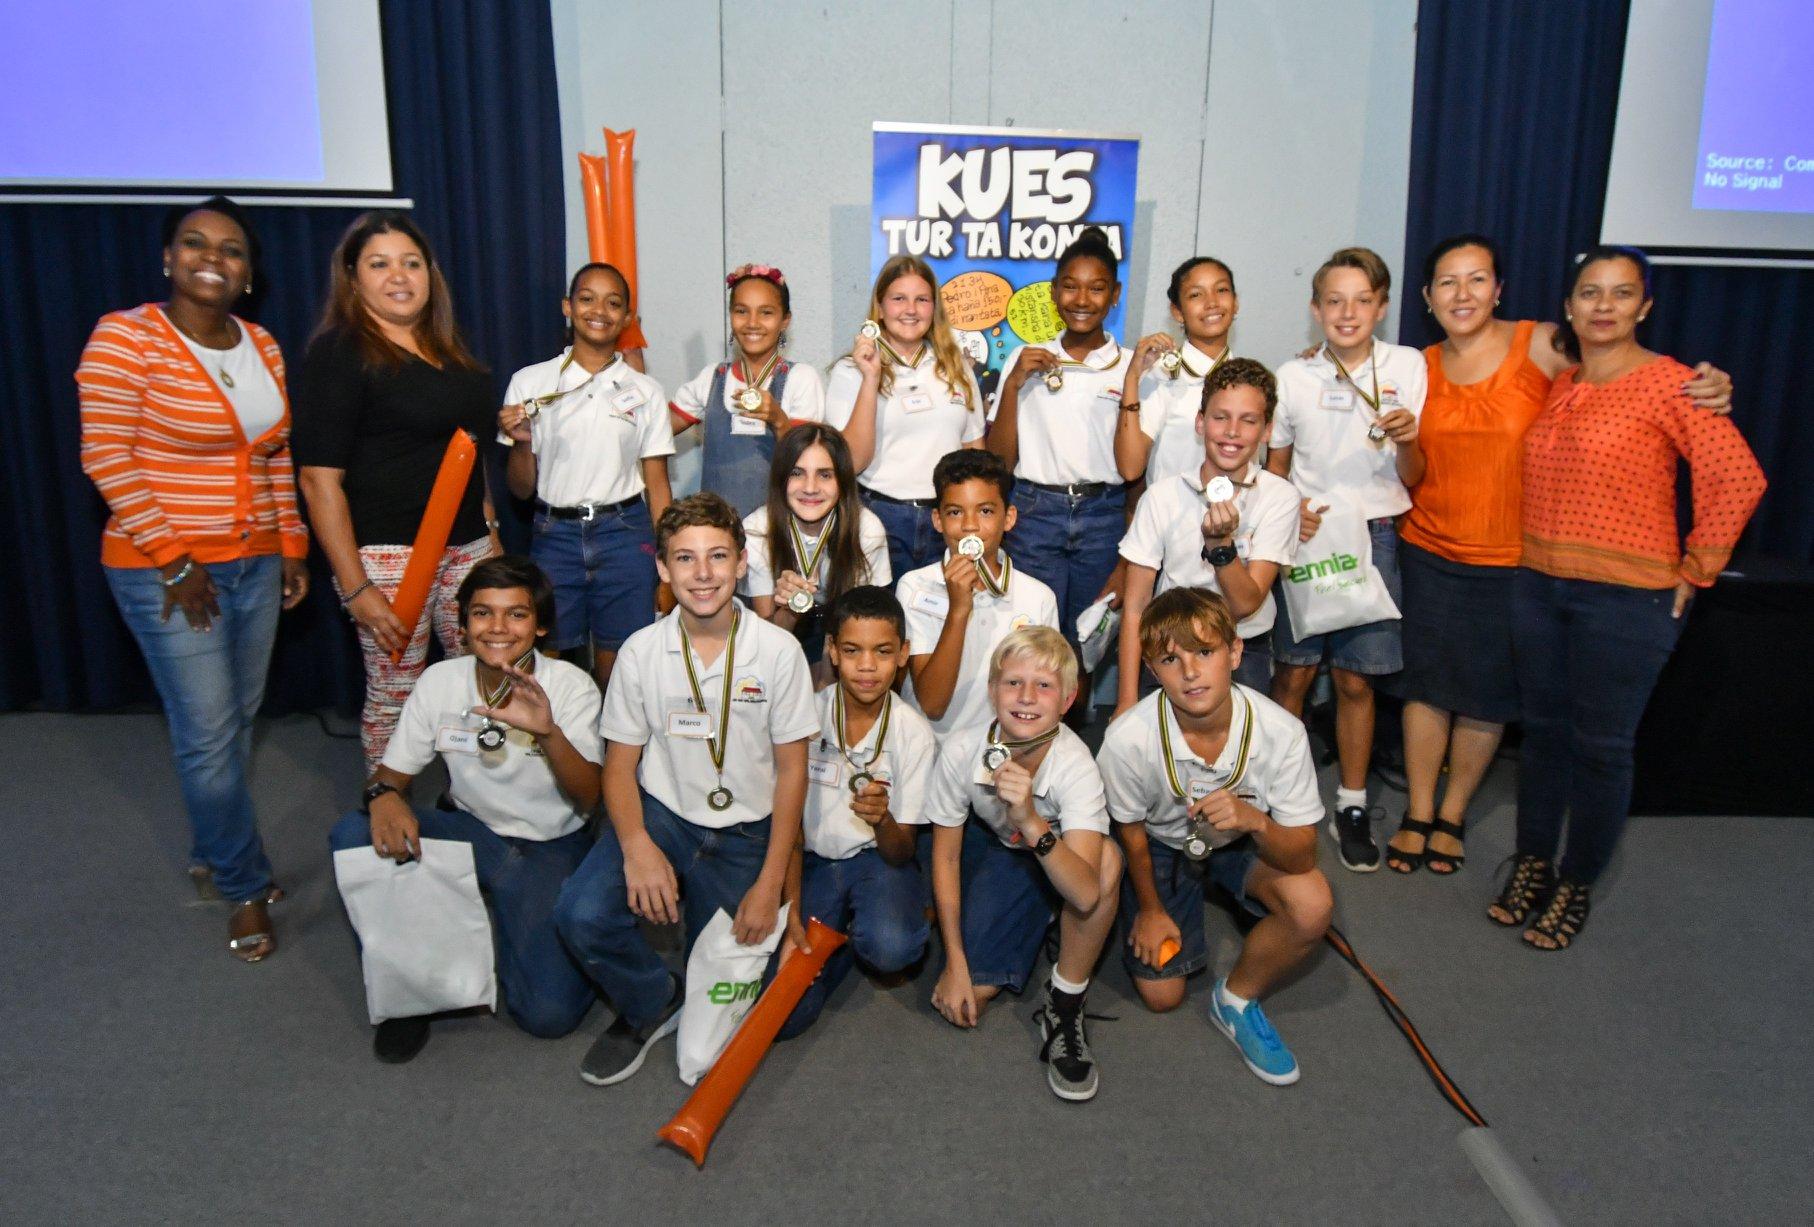 winnaar scholencompetitie Kues 20172018